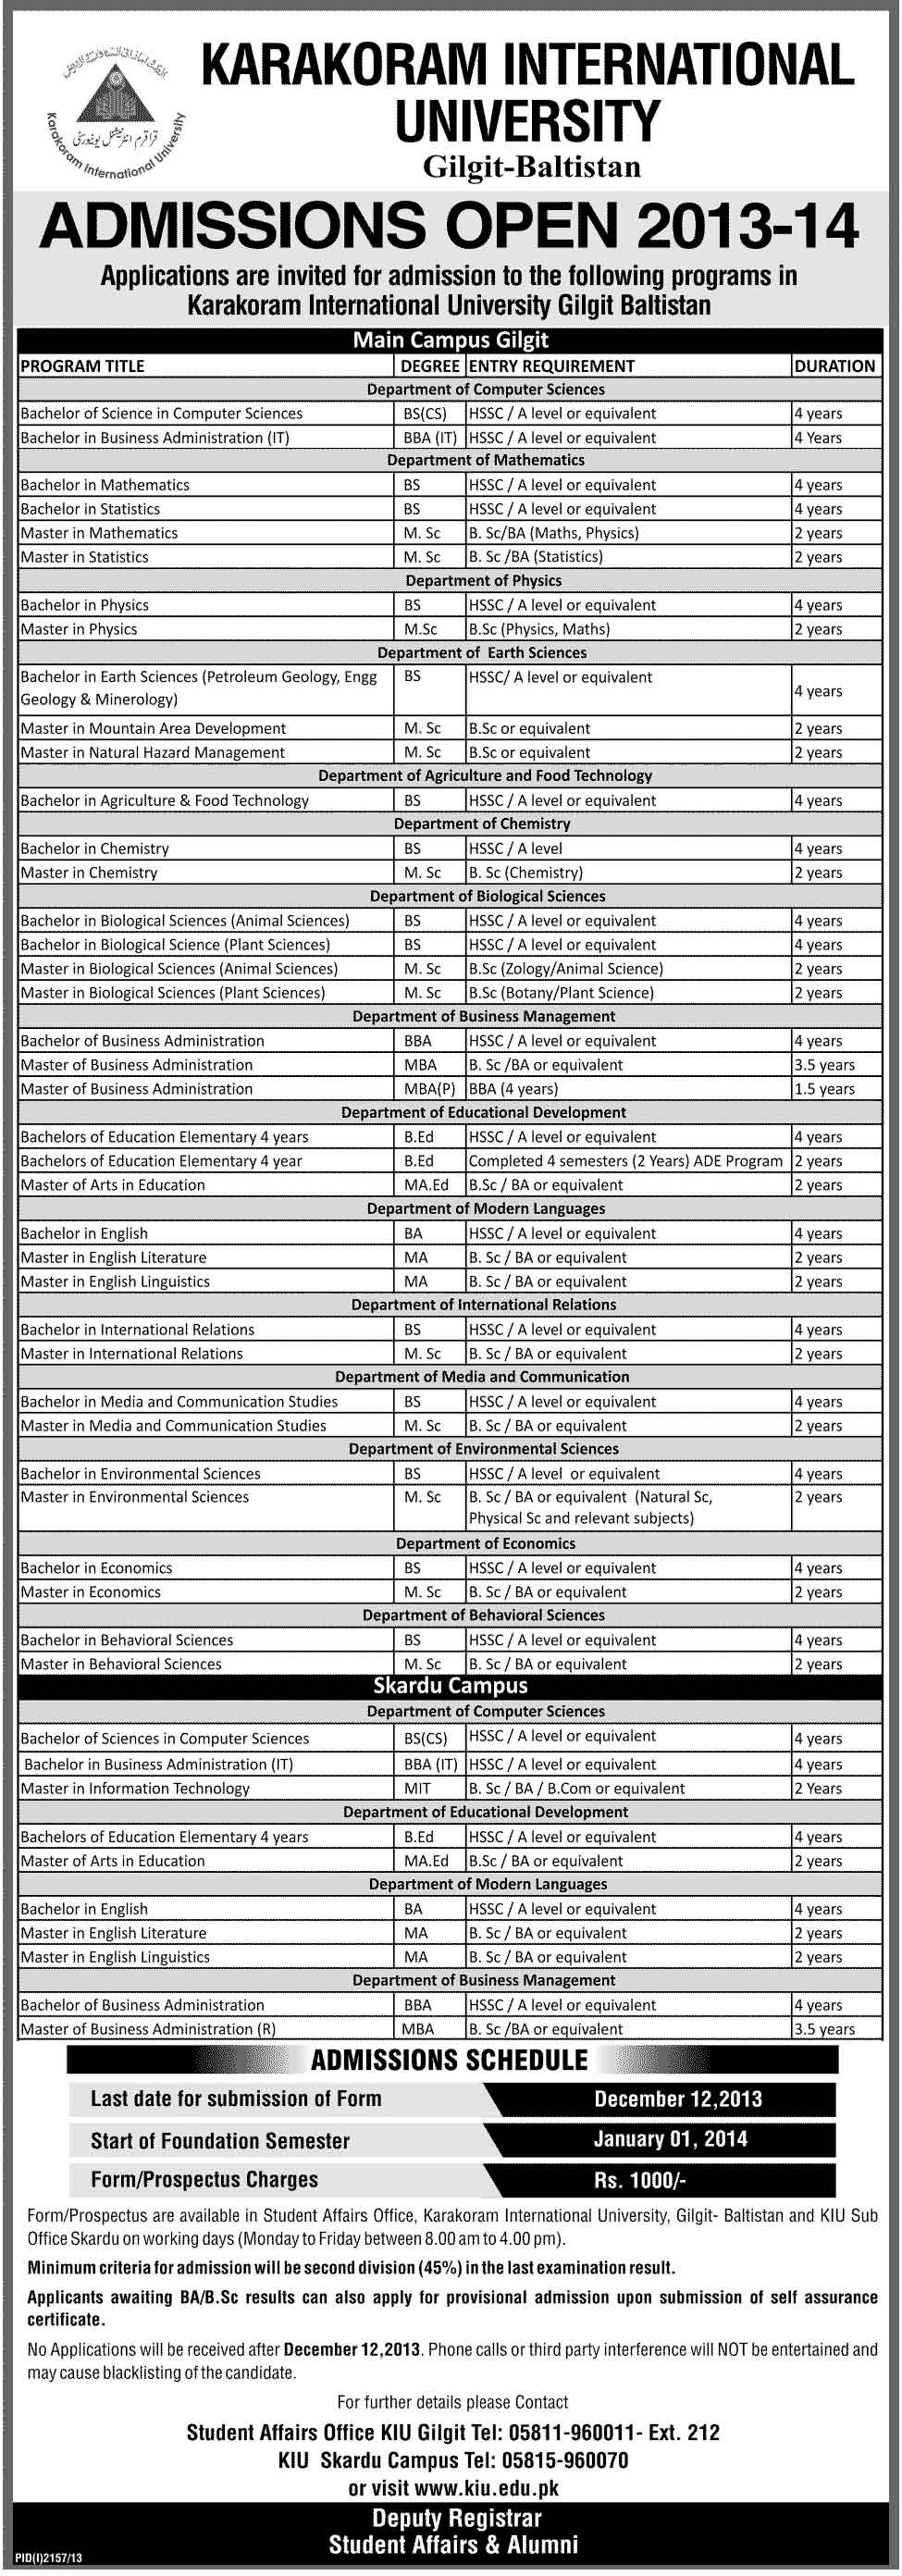 Karakorum-International-University-Admissions-2020